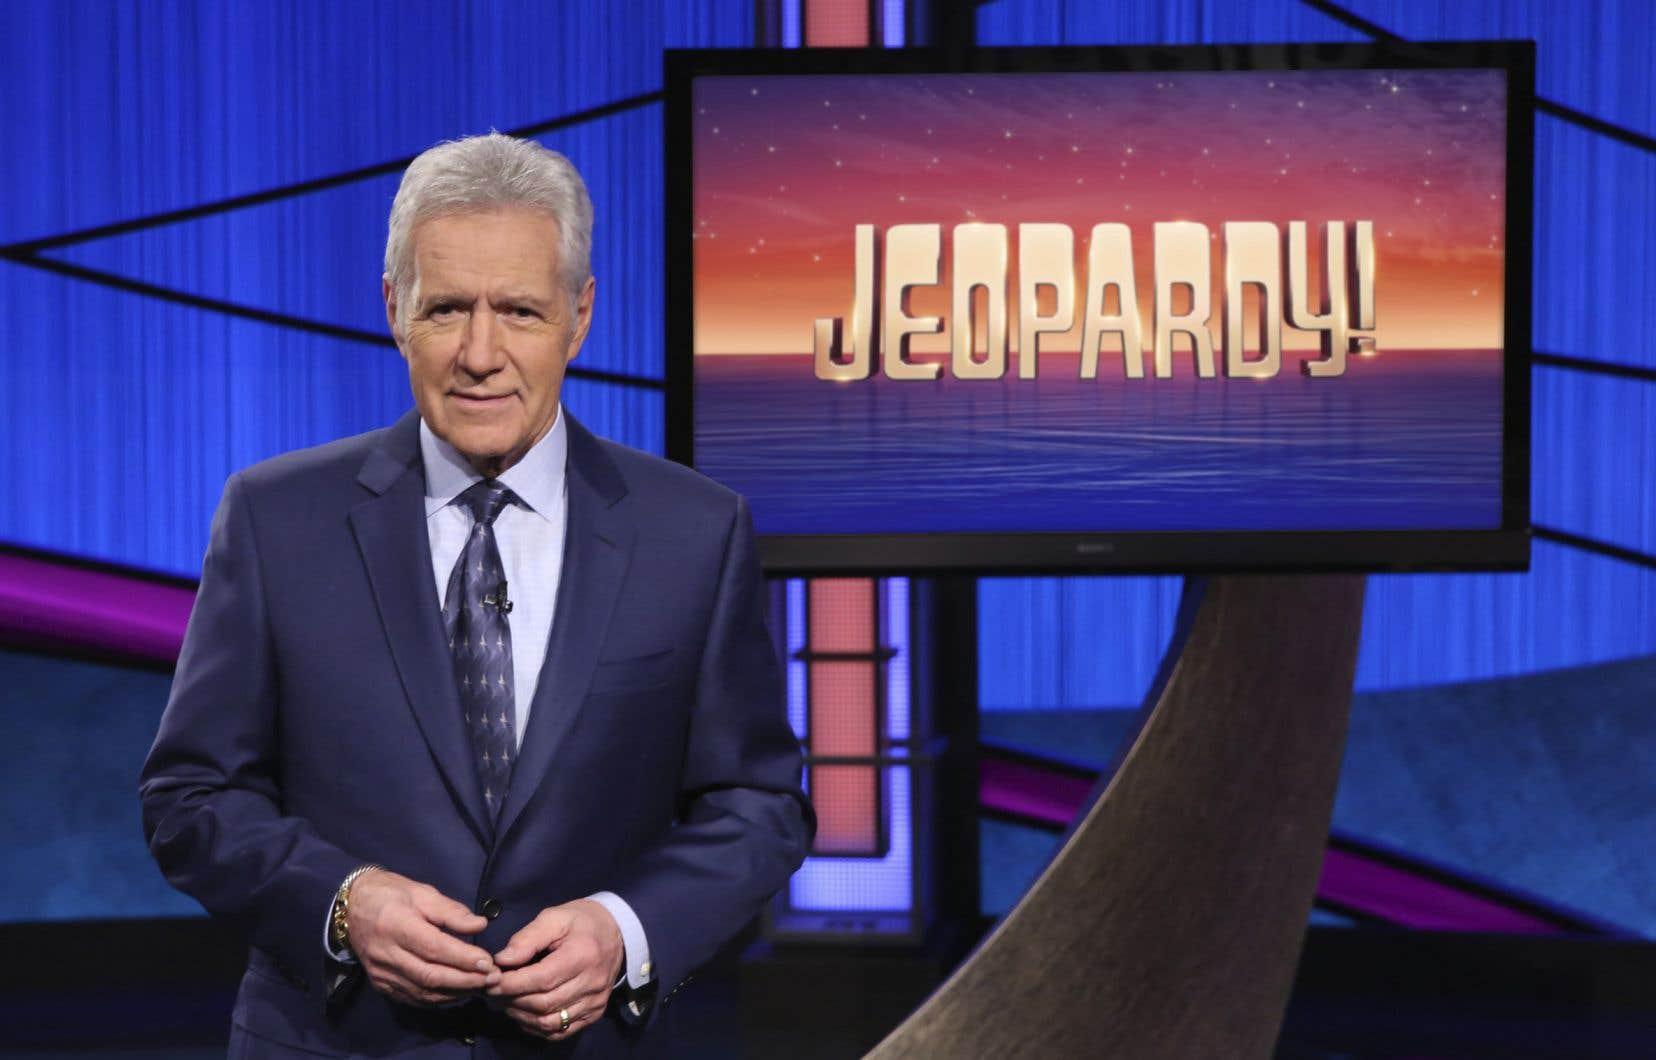 Alex Trebek a animé le jeu télévisé «Jeopardy!» pendant 36 ans. L'animateur, décédé le 8 novembre, a reçu sept prix Emmy pour sa présentation de la populaire émission. Il avait annoncé en 2019 souffrir d'un cancer.